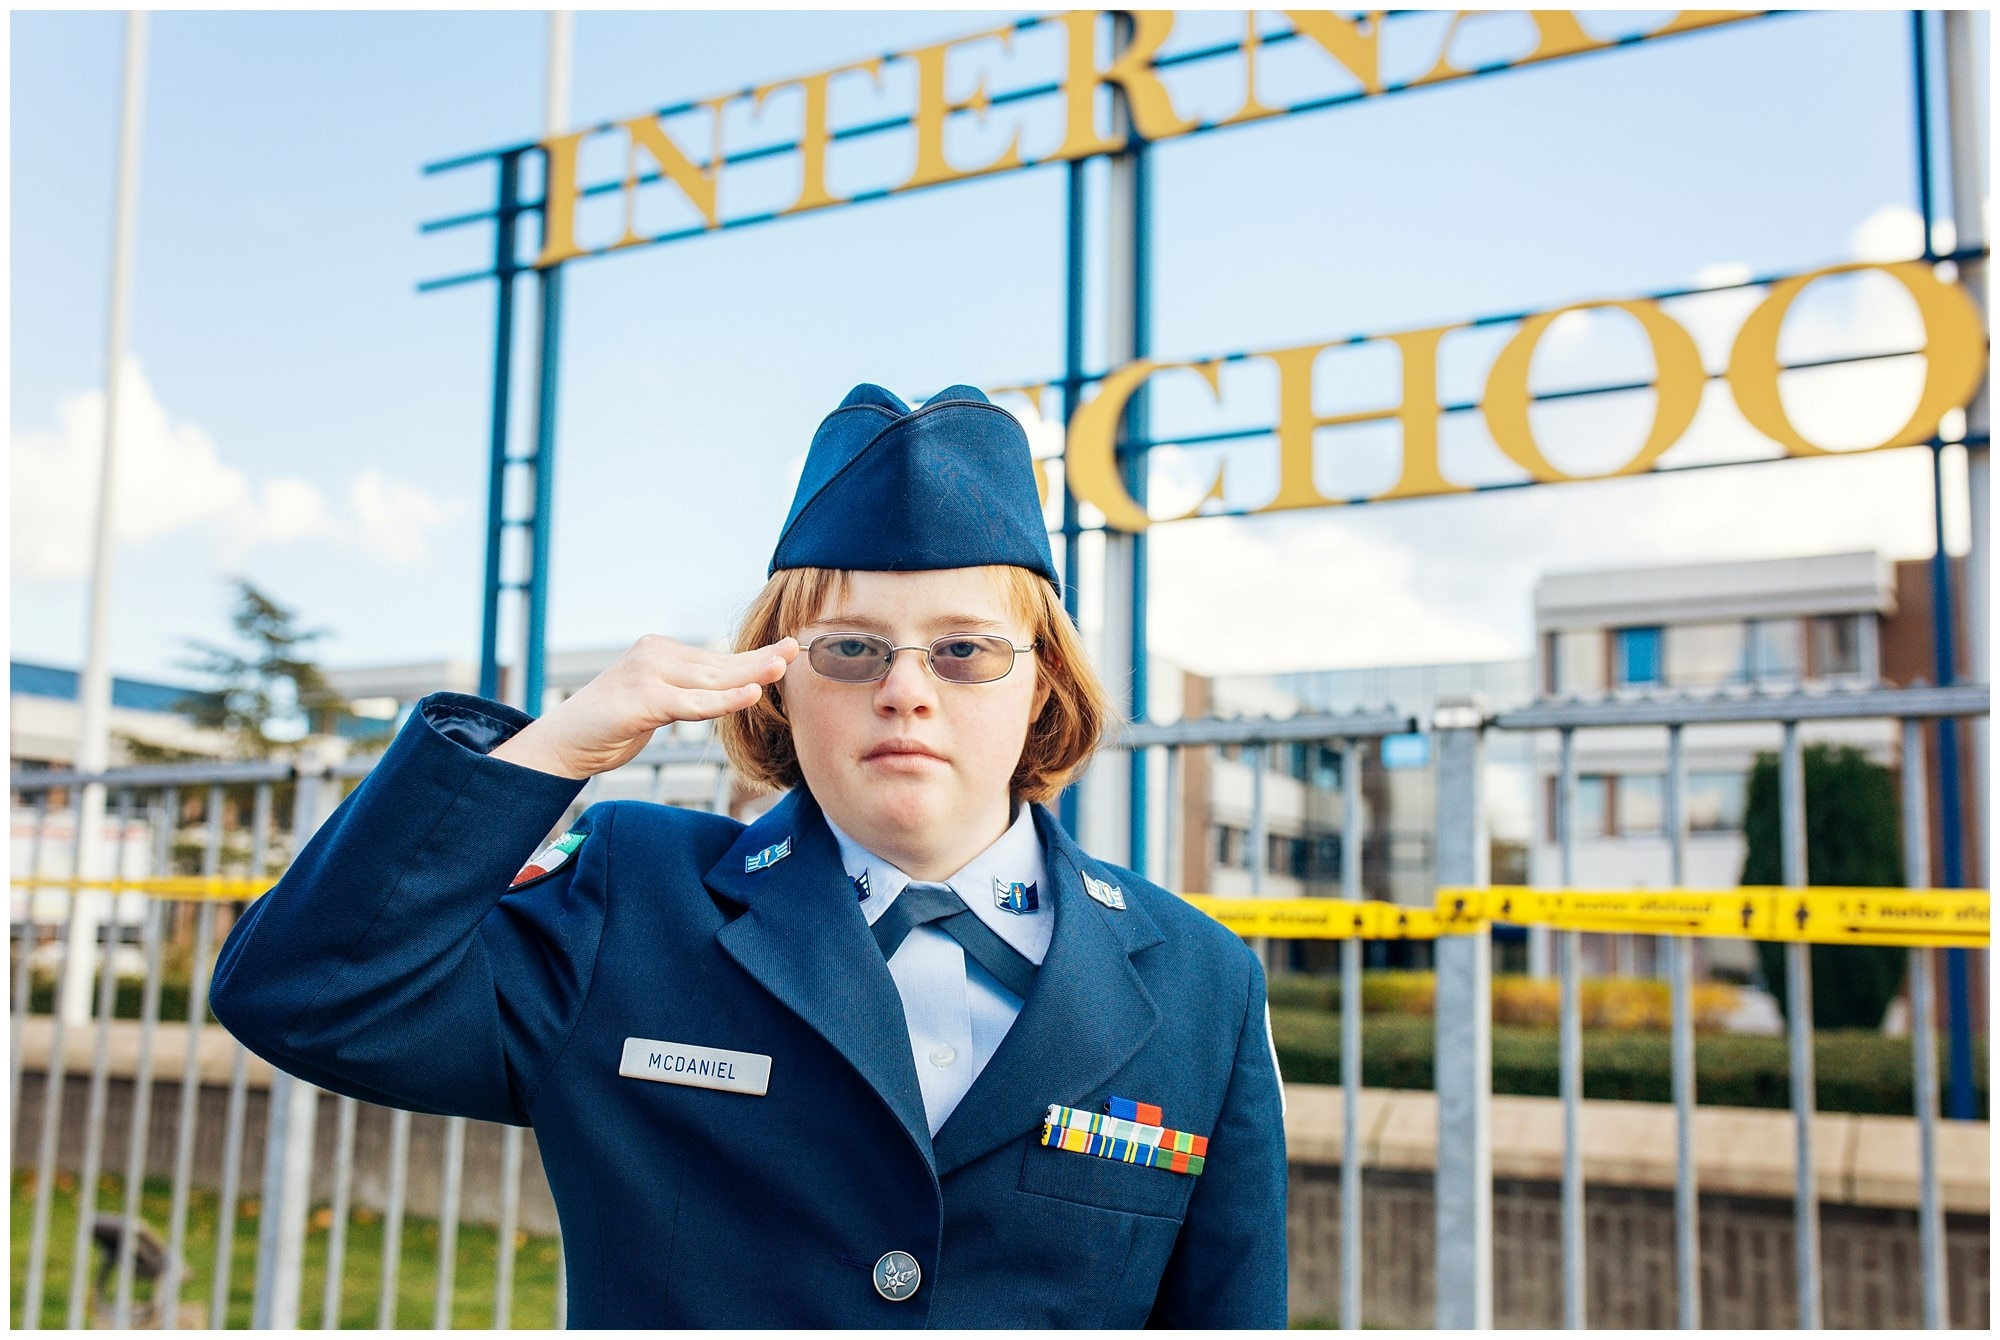 Photo of JROTC cadet